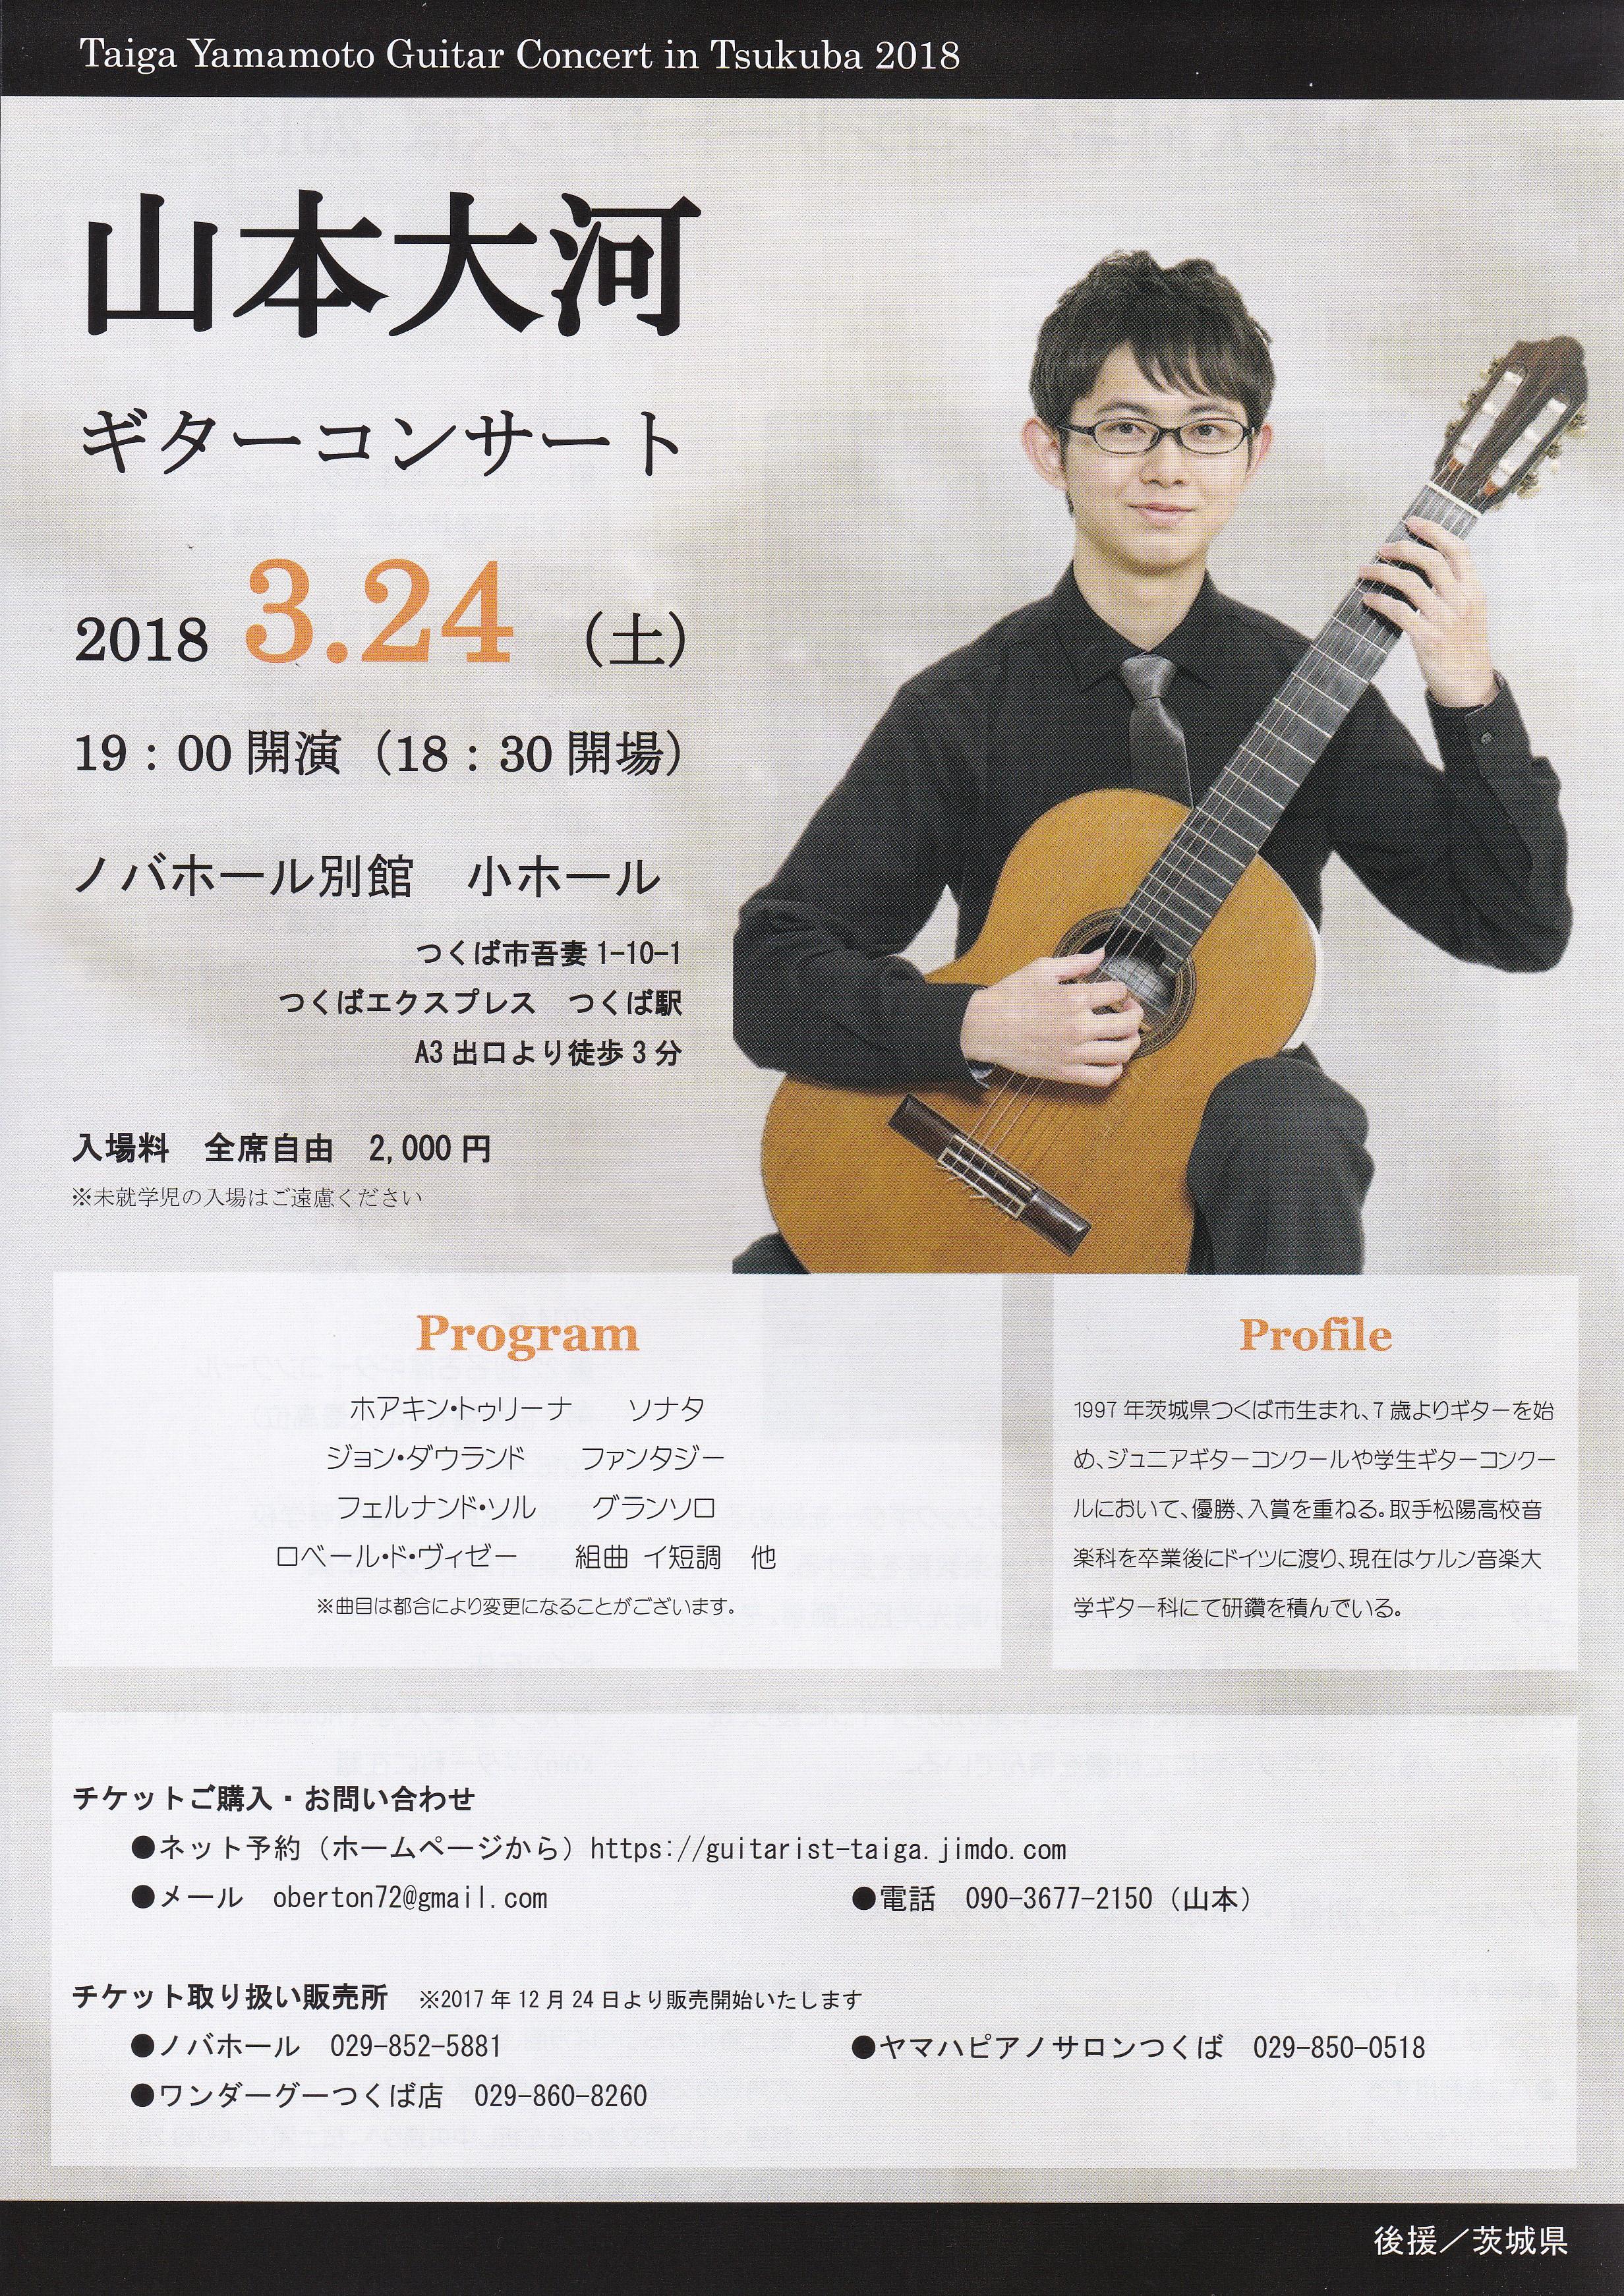 山本大河ギターコンサートチラシ画像